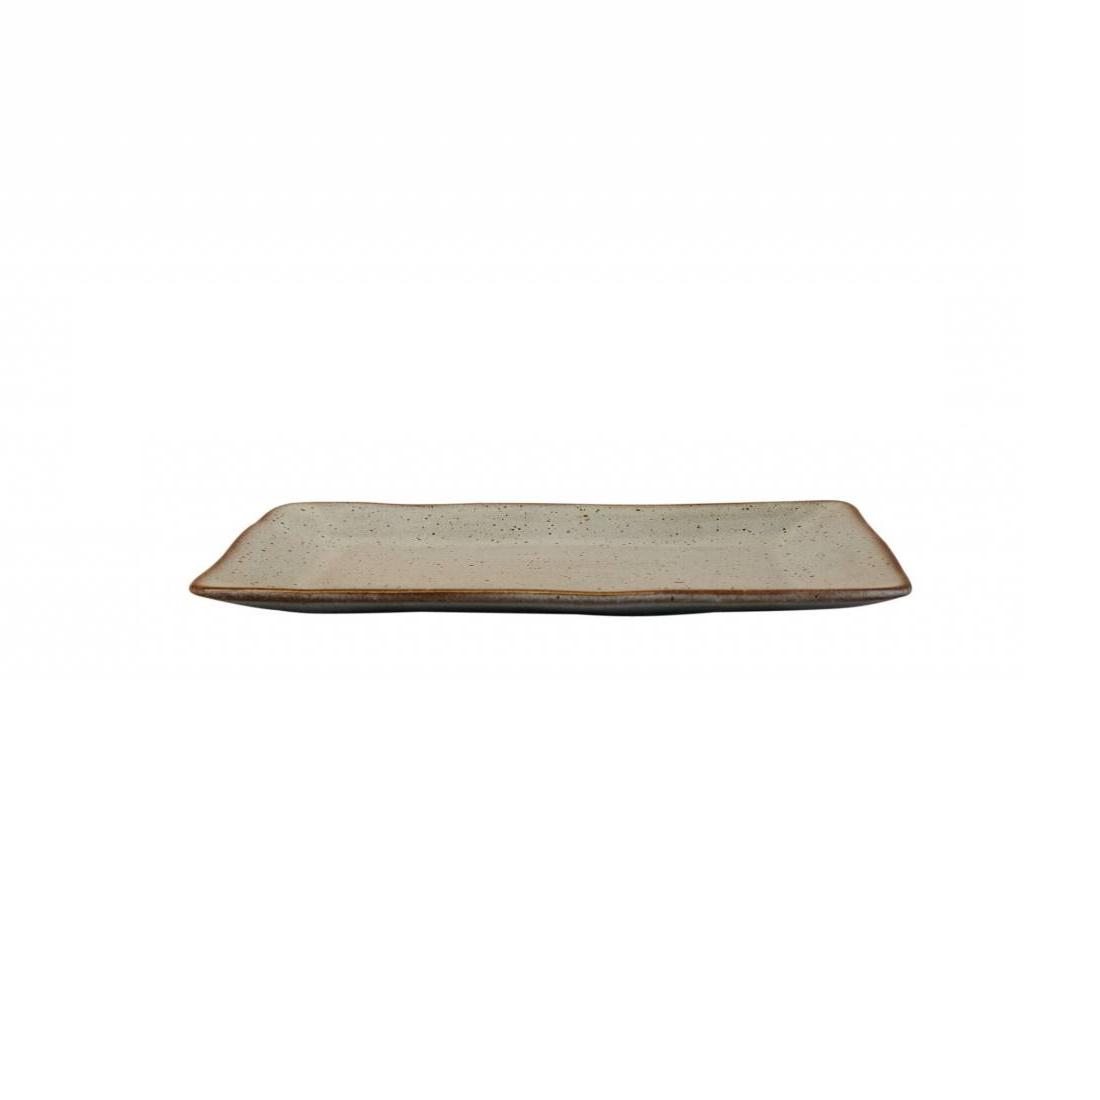 Schaal stone rechthoek medium zeegroen